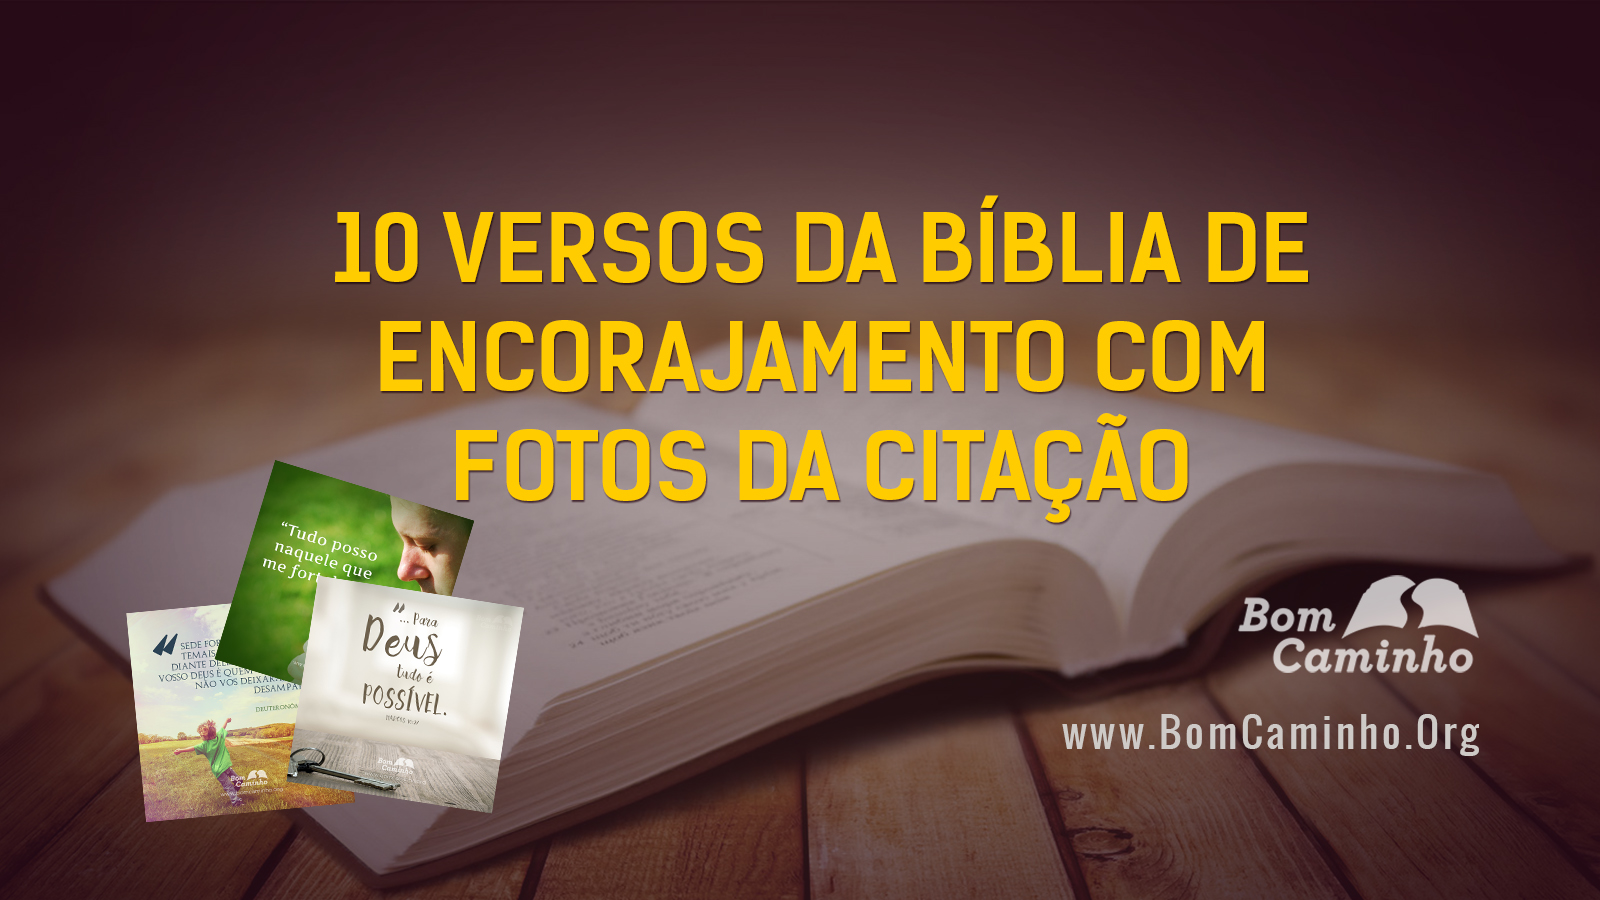 10 Versículos Da Bíblia De Encorajamento Com Fotos Da